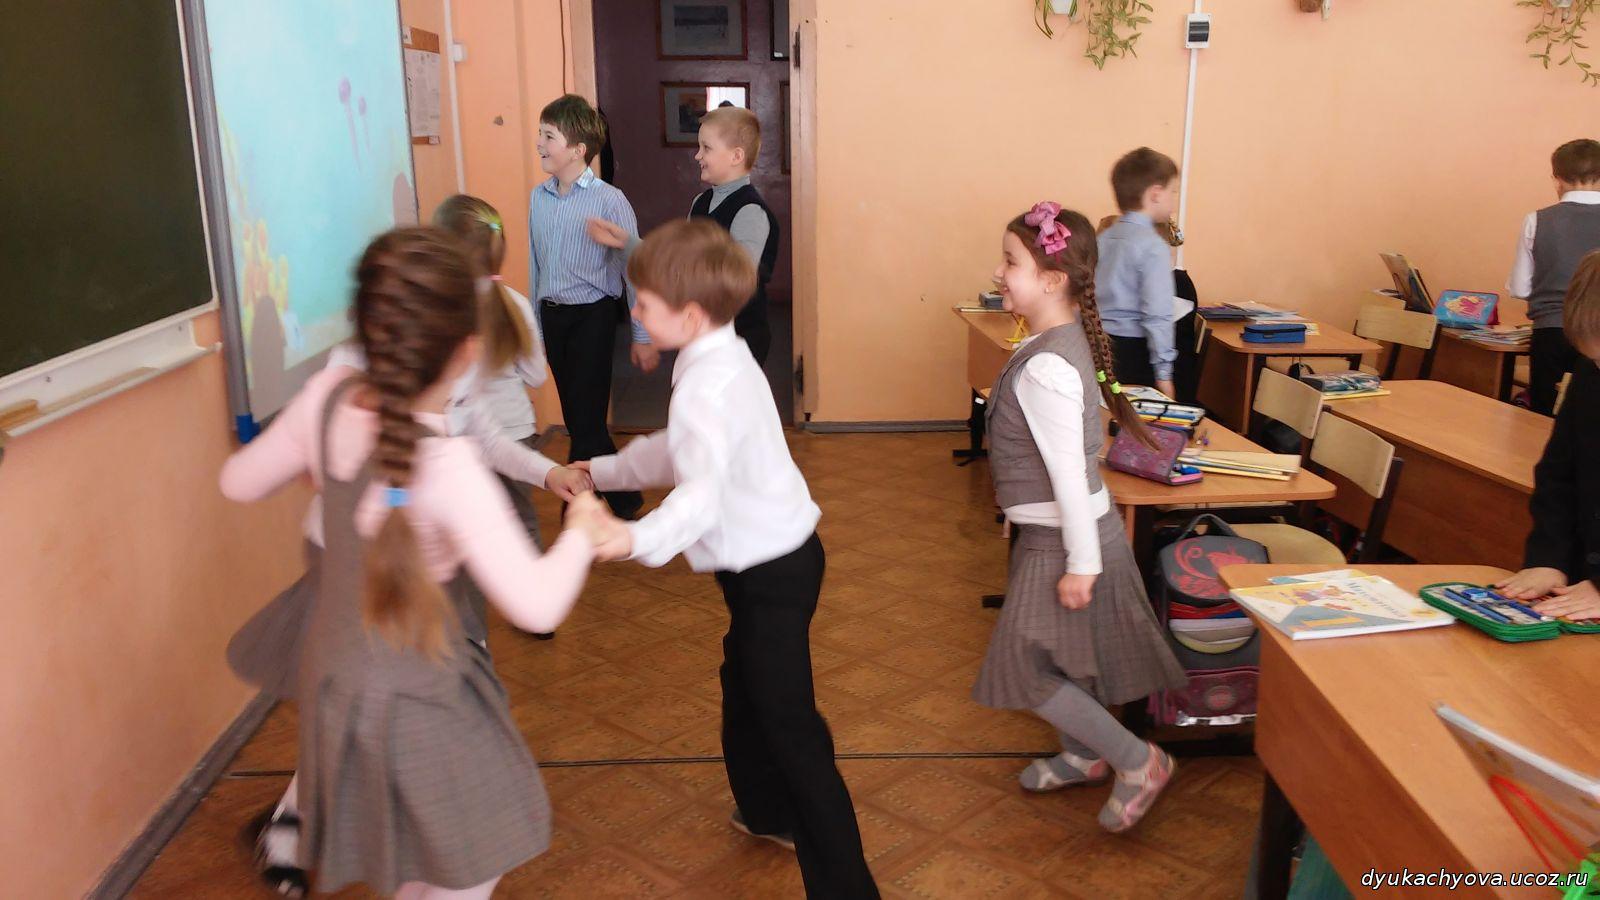 Фото секса на переменах в школе, Школьное порно фото с училками 11 фотография